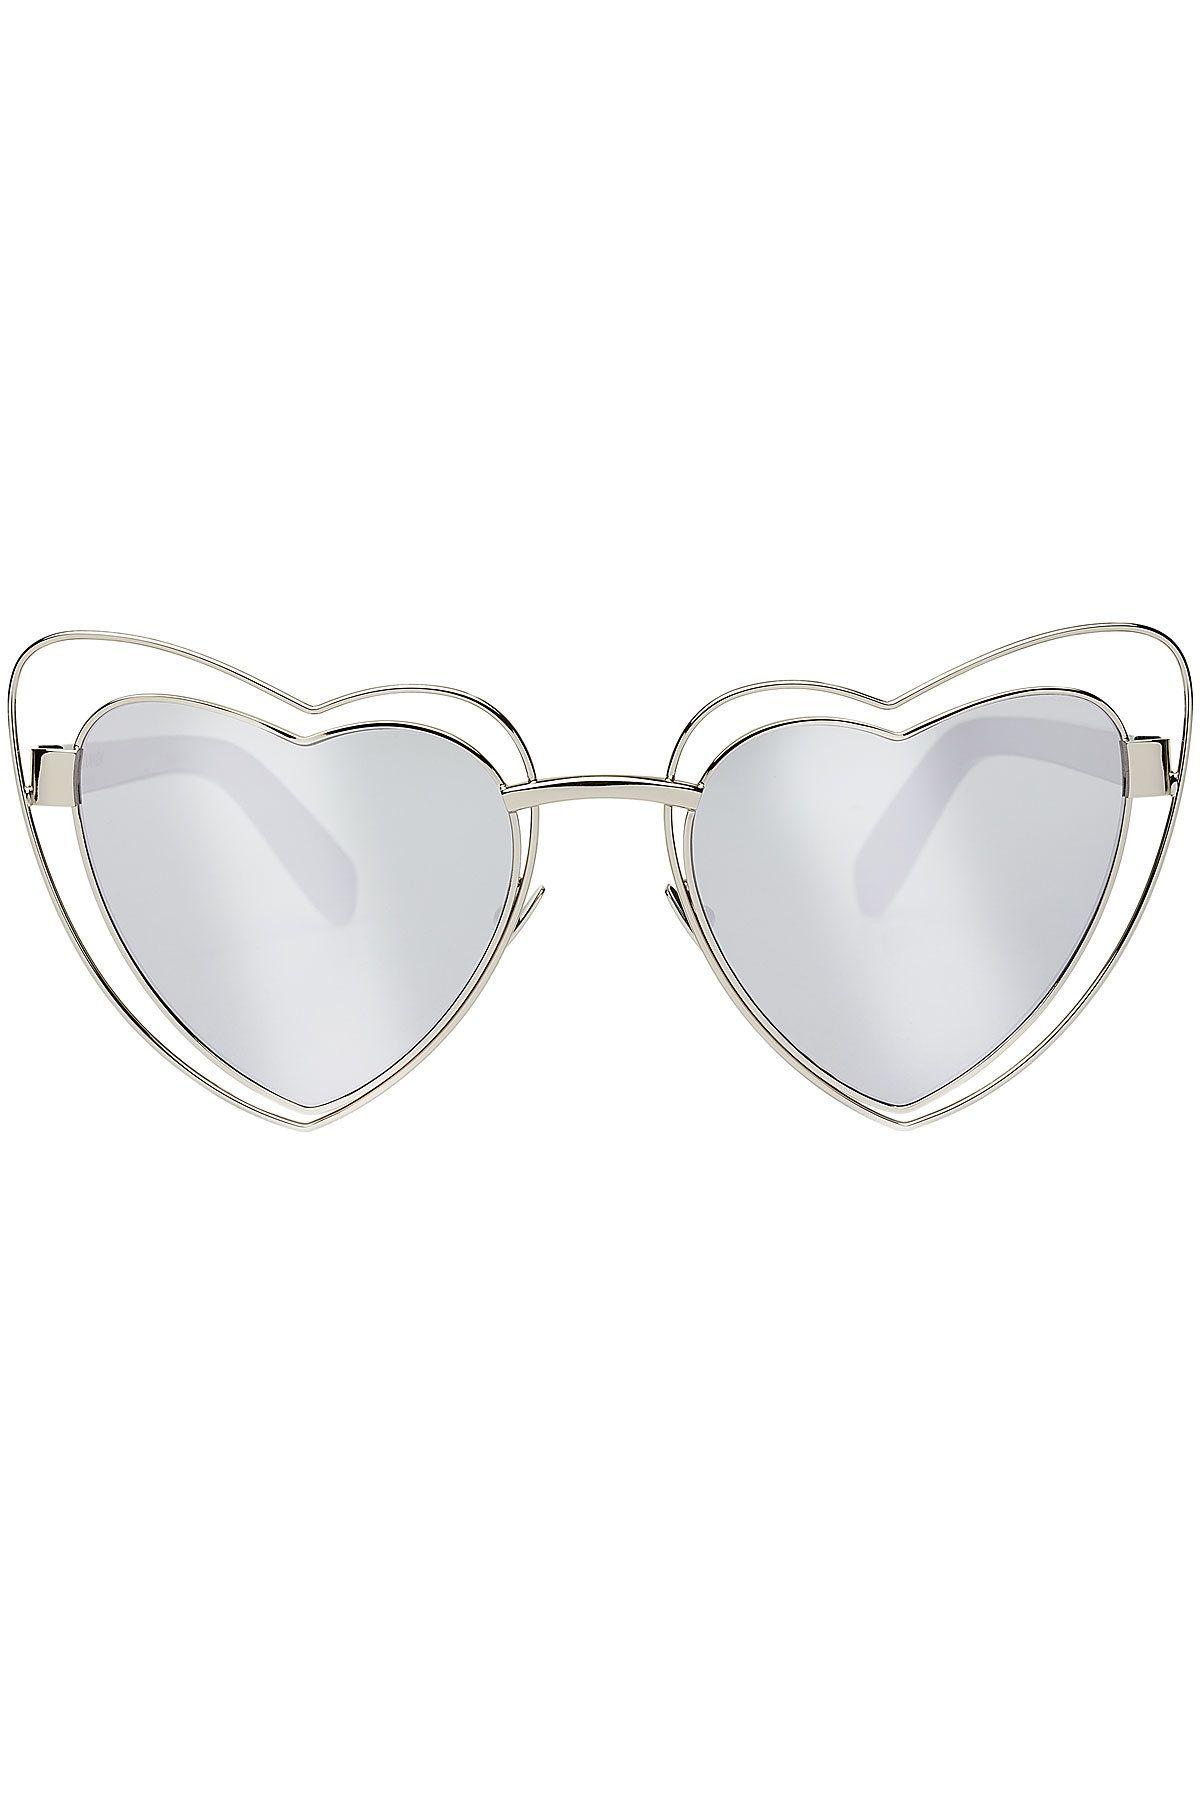 Saint Laurent LouLou Heart Sunglasses   Sunnies   Pinterest   Heart ... 15ceb0de6bc0